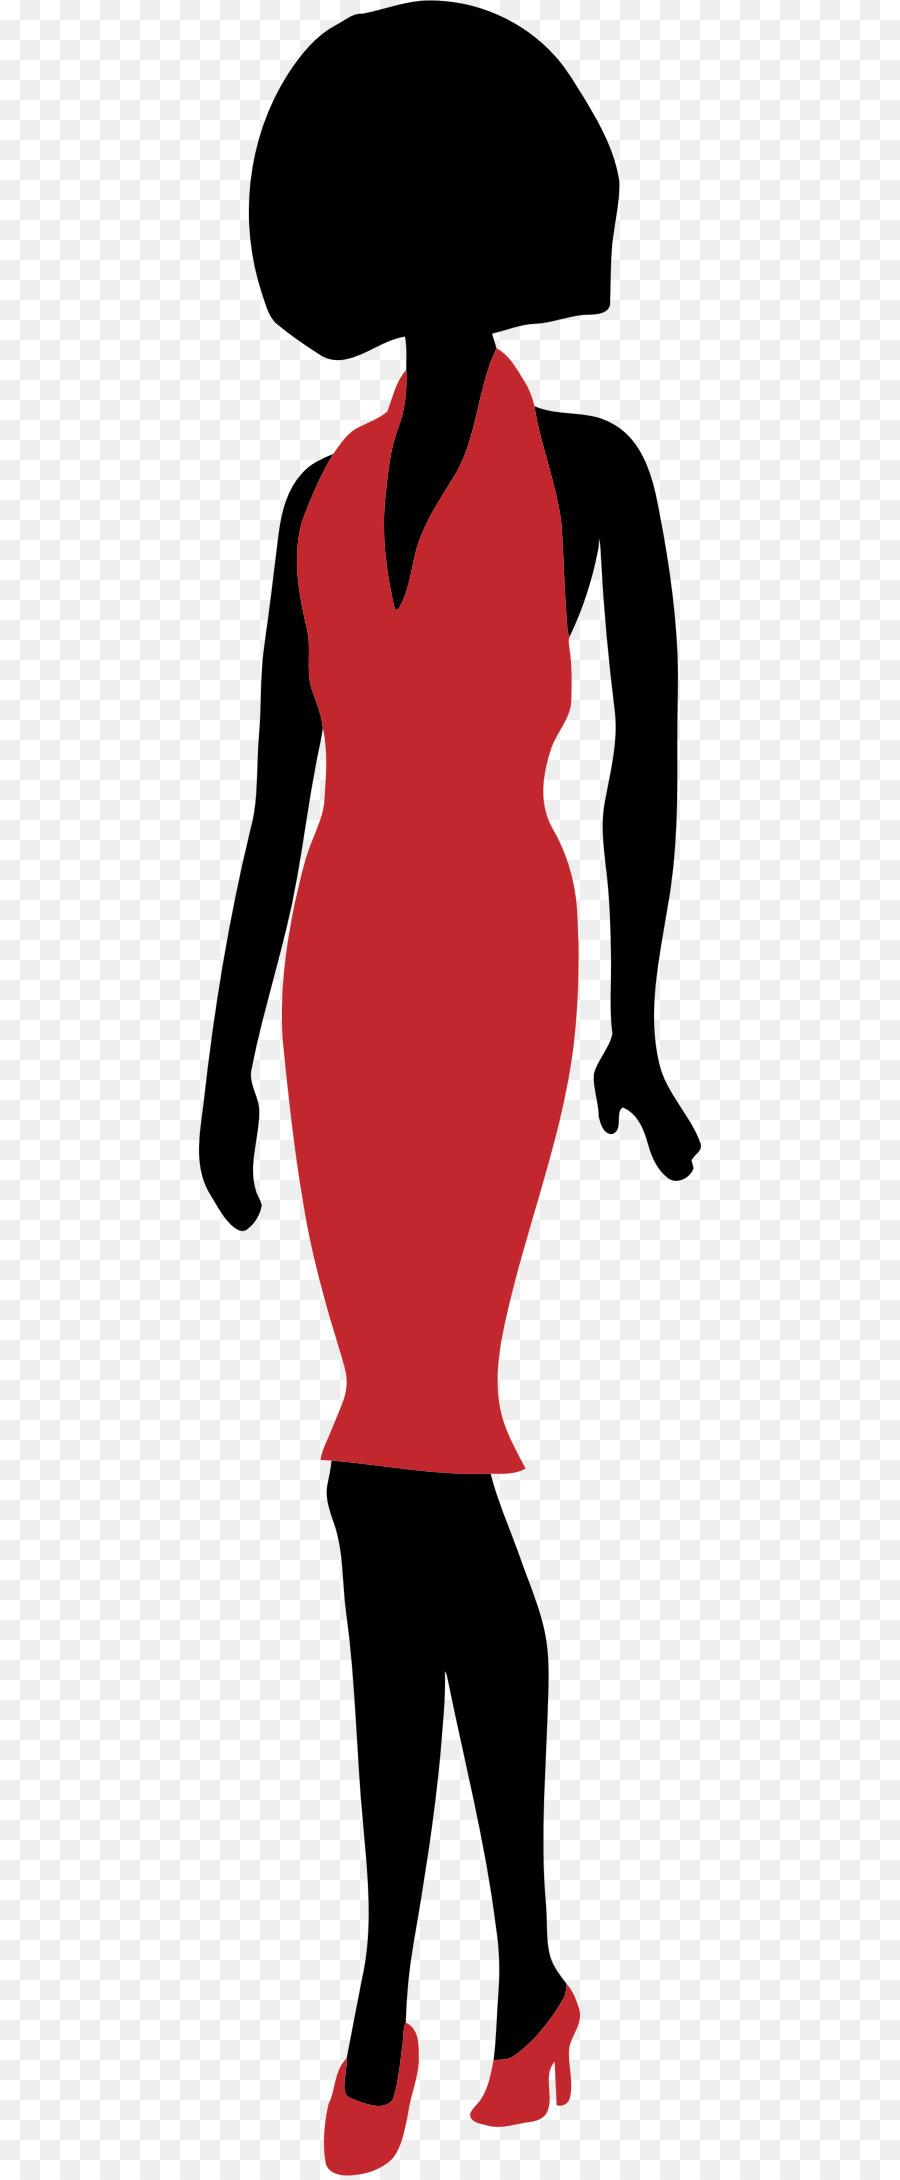 900x2180 Silhouette Dress Woman